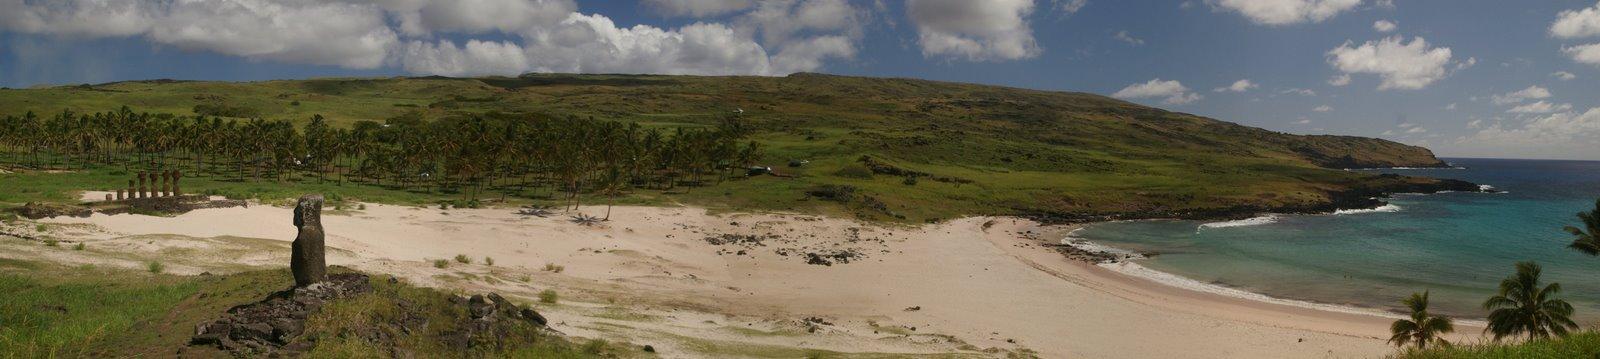 [Pano_Anakena_beach.jpg]